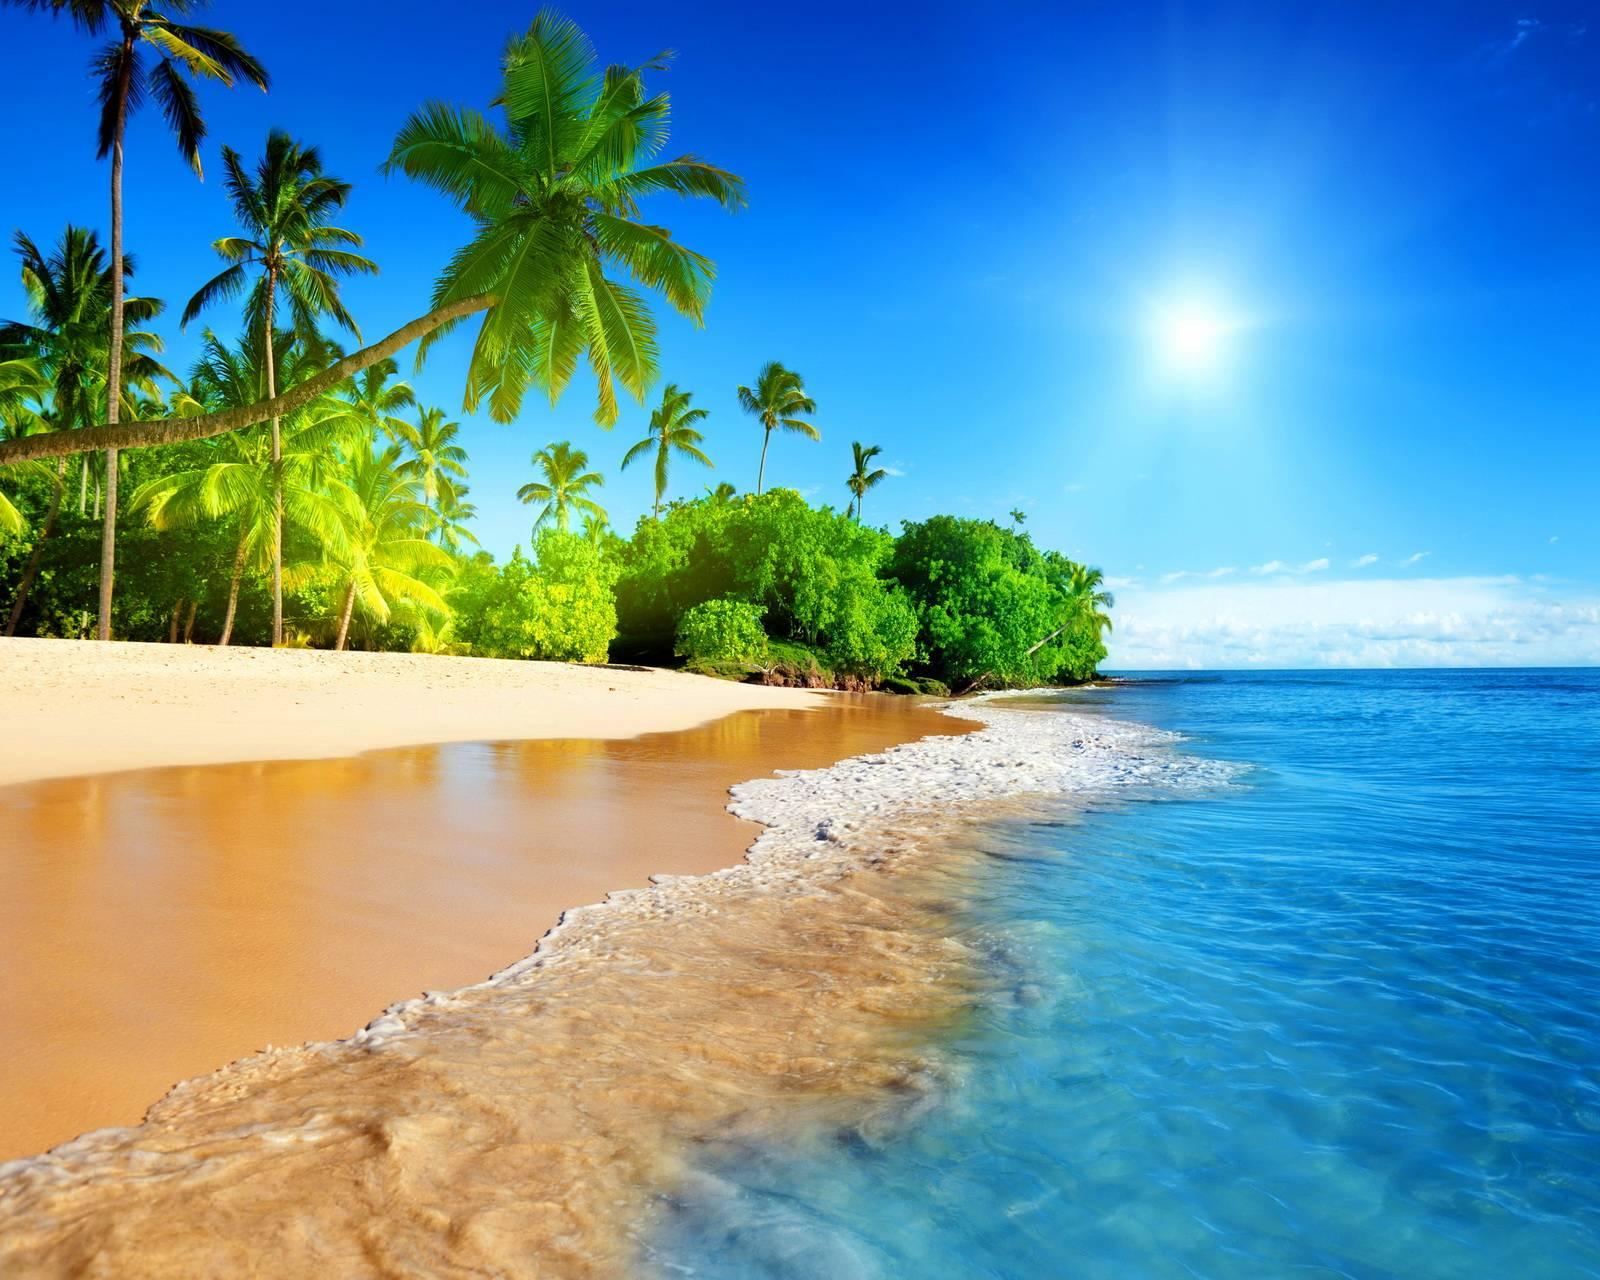 пляж картинки для планшета тот день явился